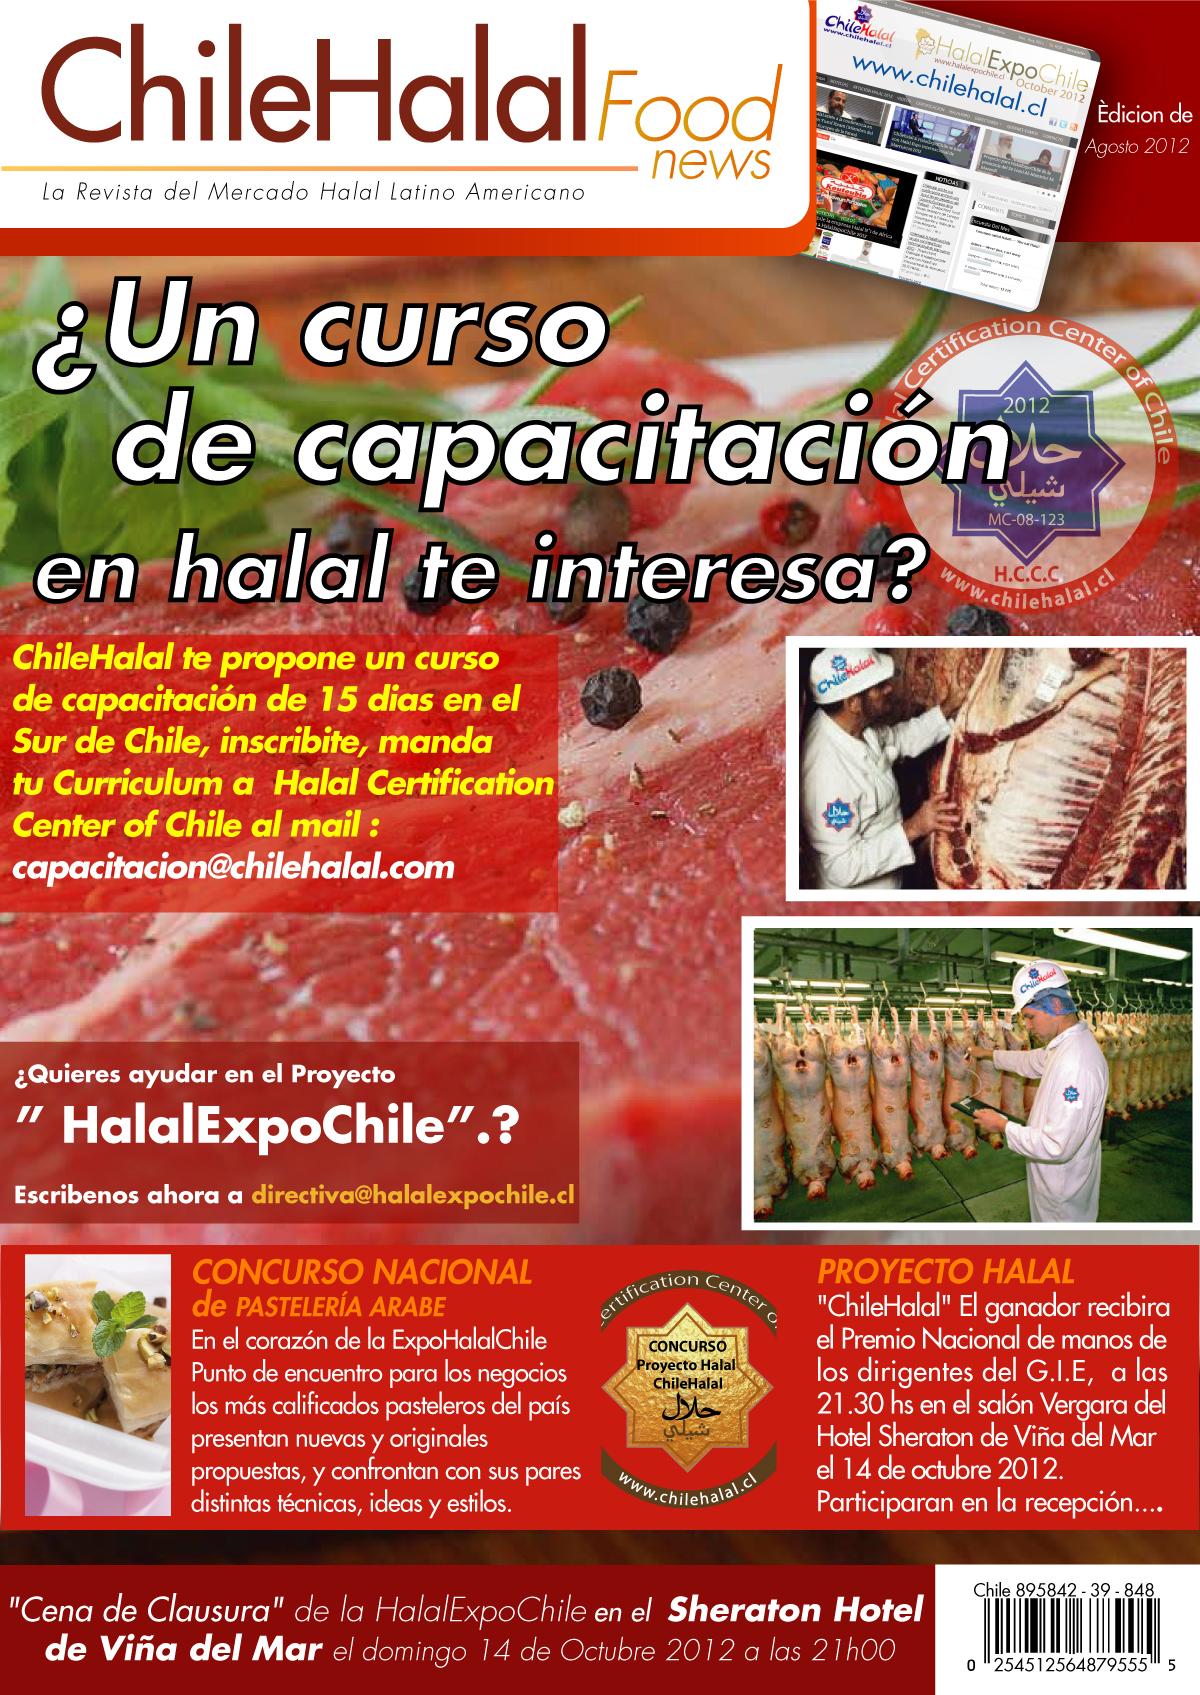 2° Curso de capacitación en halal en el sur de Chile